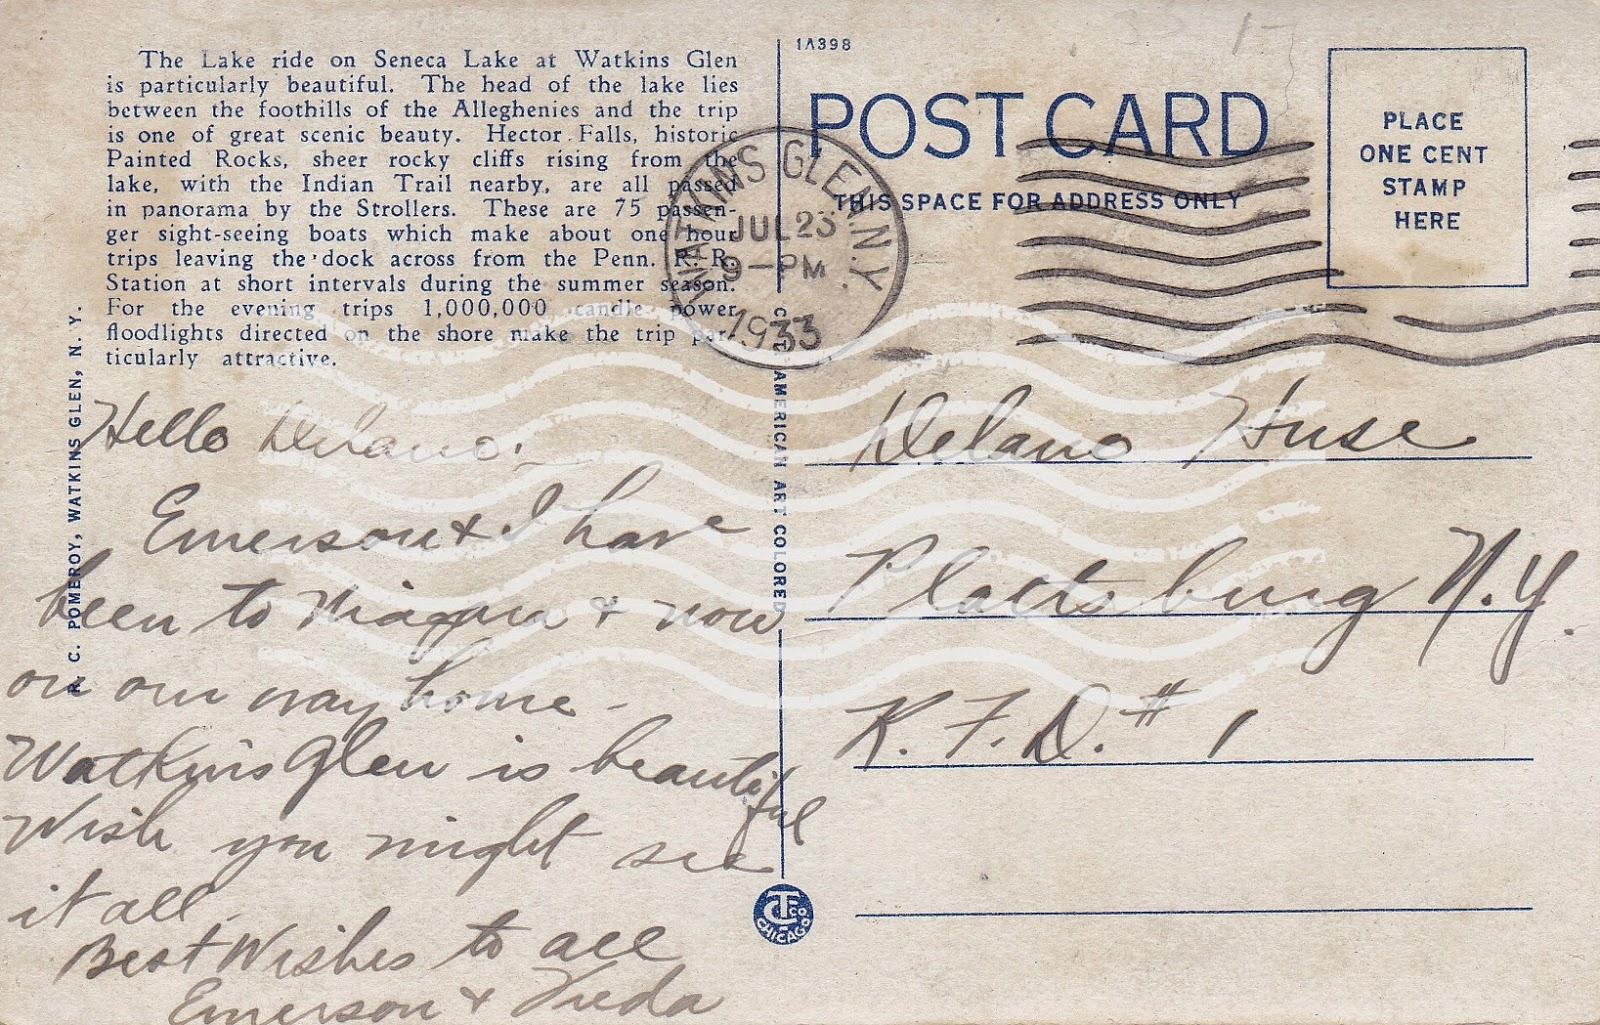 Vintage postcard - Stroller on Seneca Lake at Watkins Glen, NY (back with message)